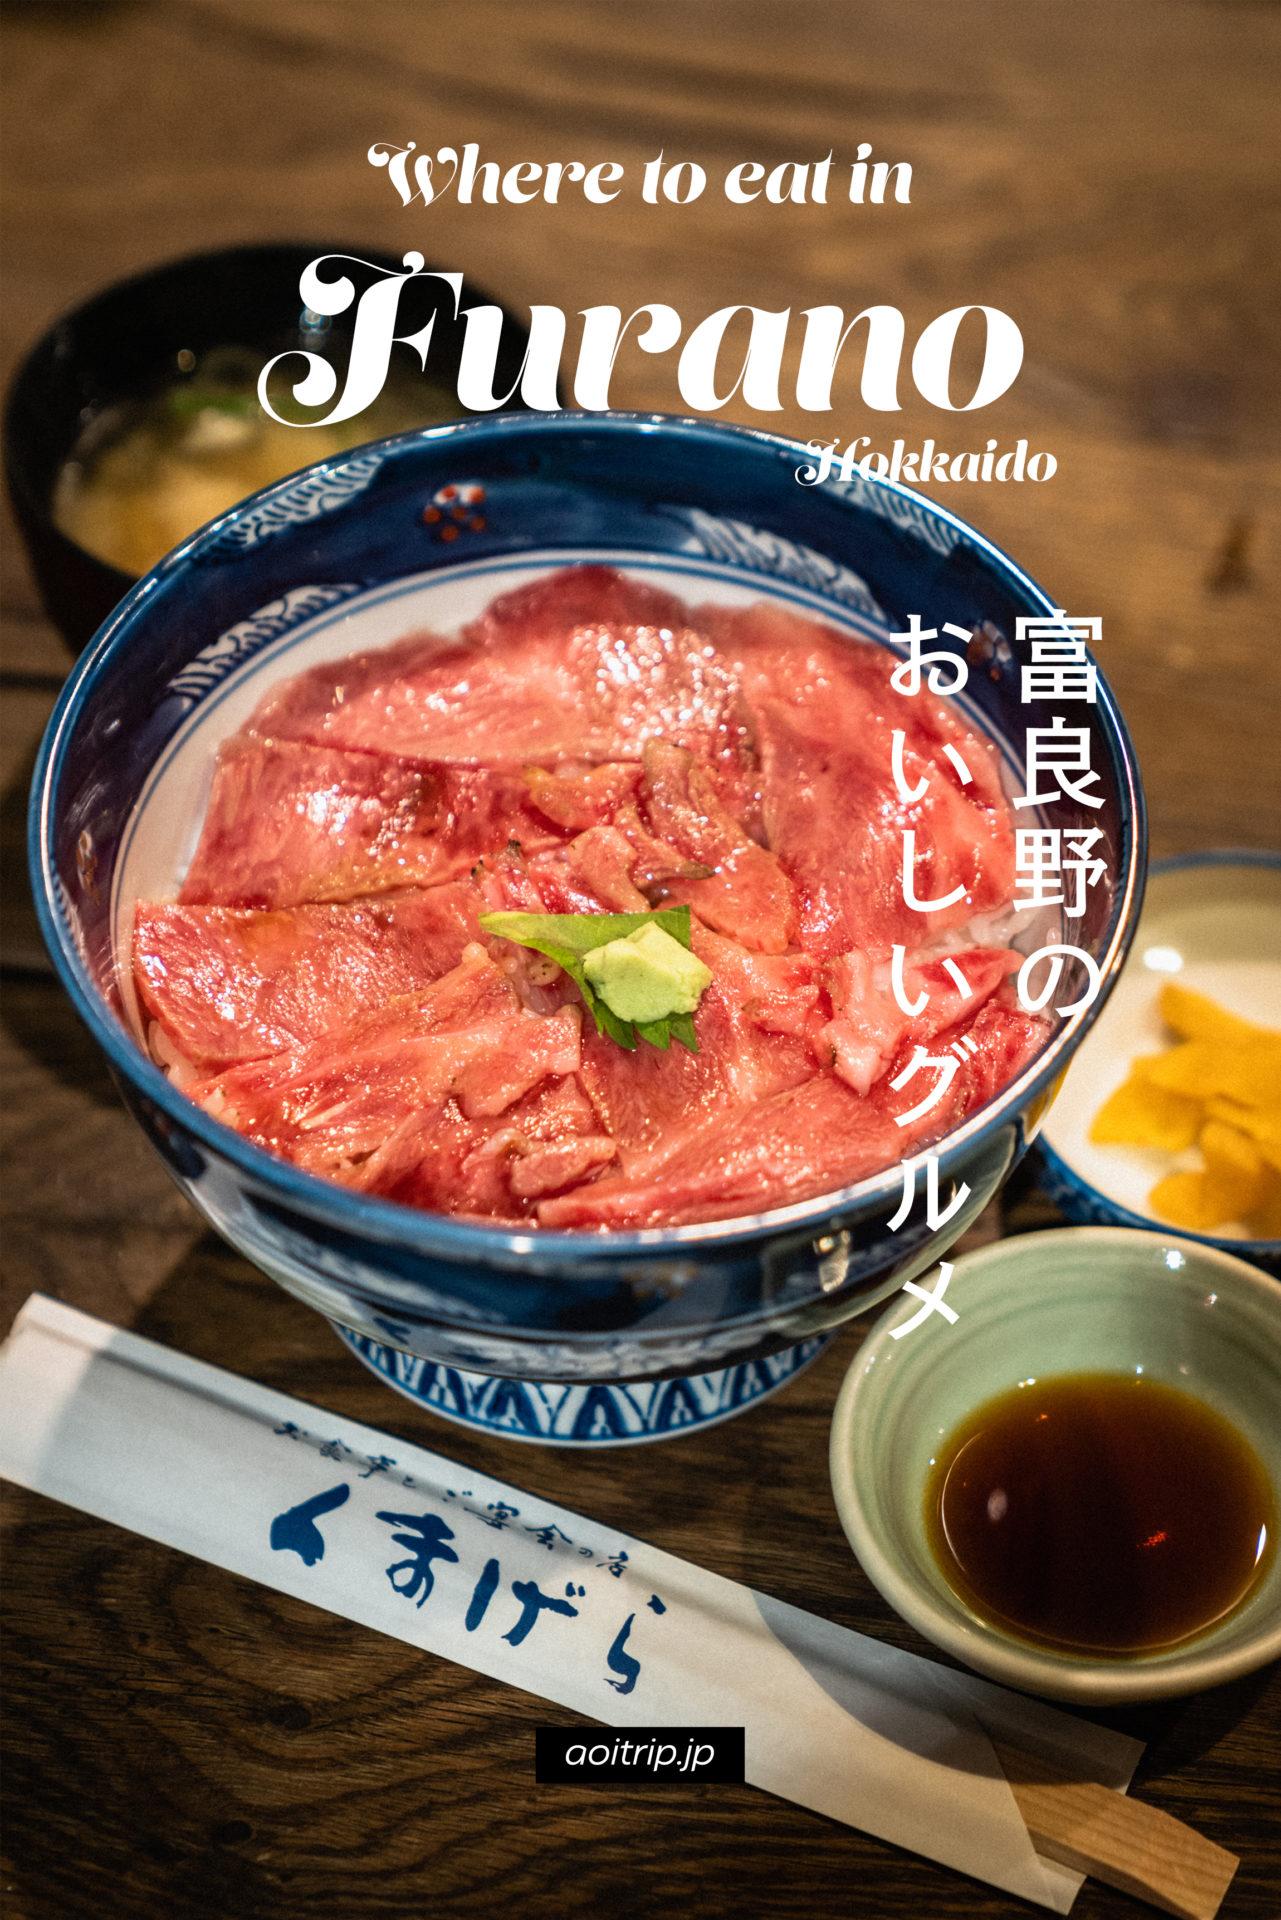 北海道 富良野旅行で食べた美味しいグルメ Where to eat in Furano, Hokkaido